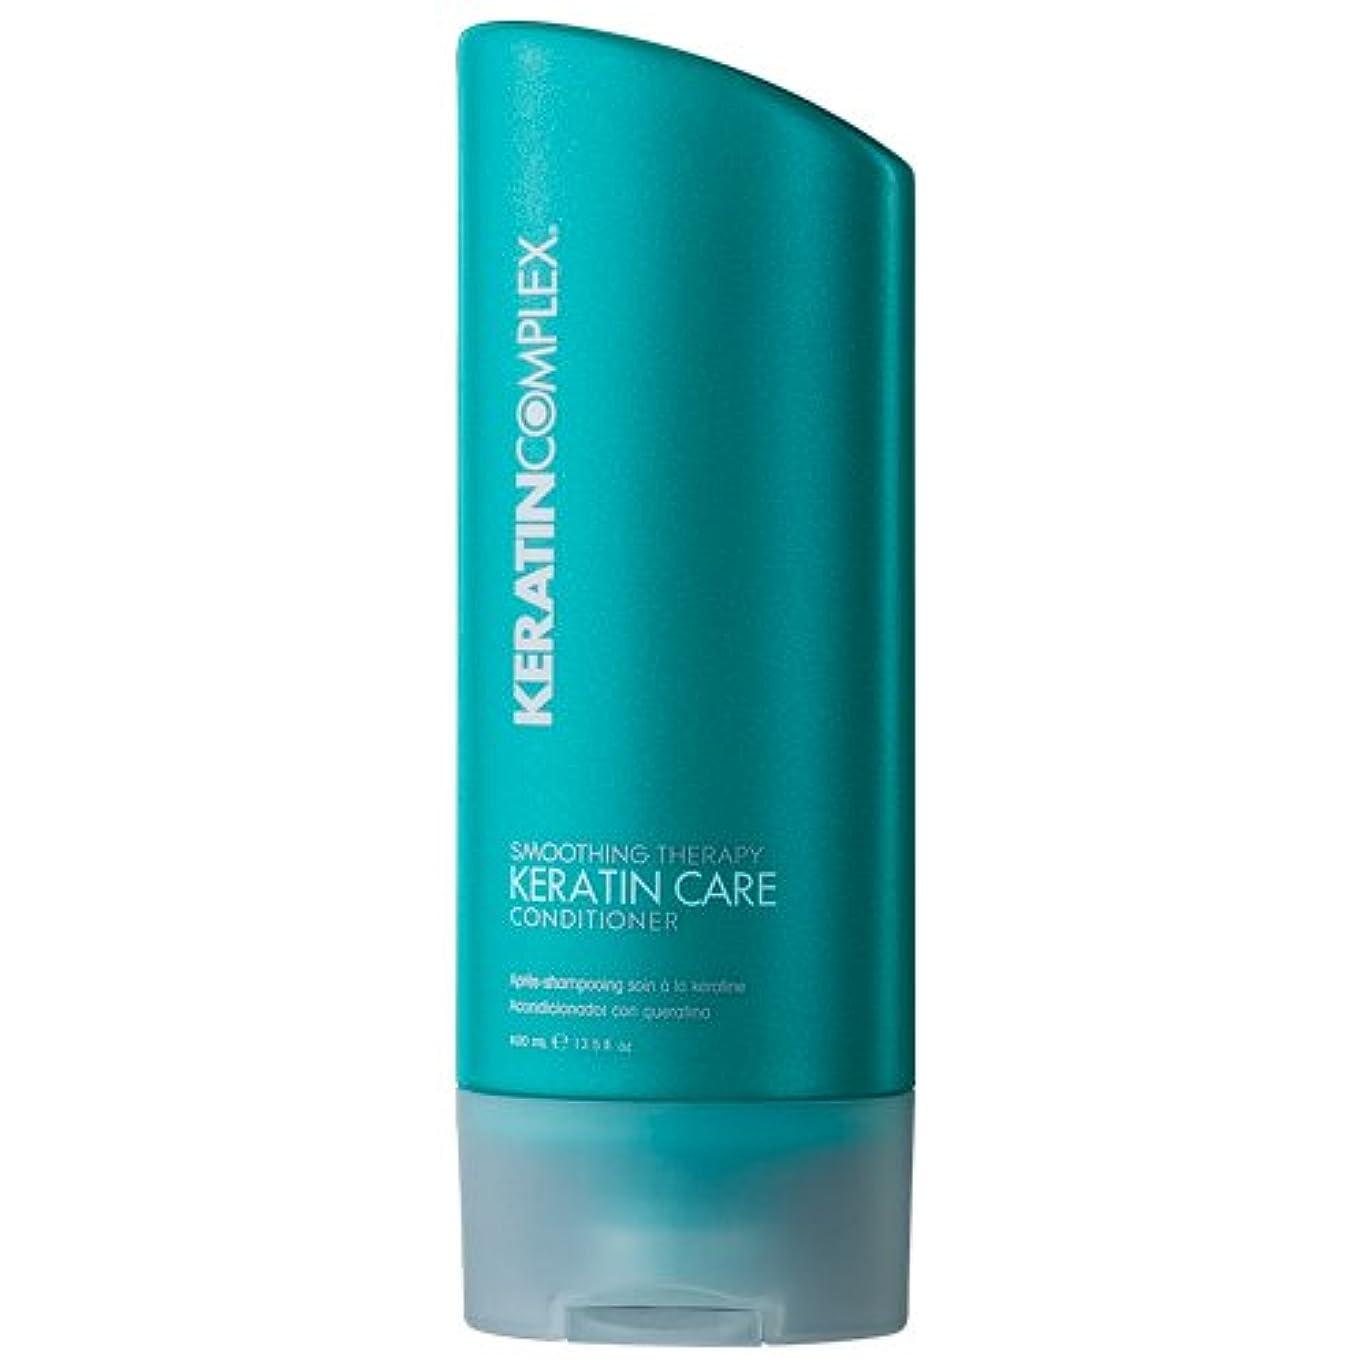 警告遊びます操作Smoothing Therapy Keratin Care Conditioner (For All Hair Types) - 400ml/13.5oz